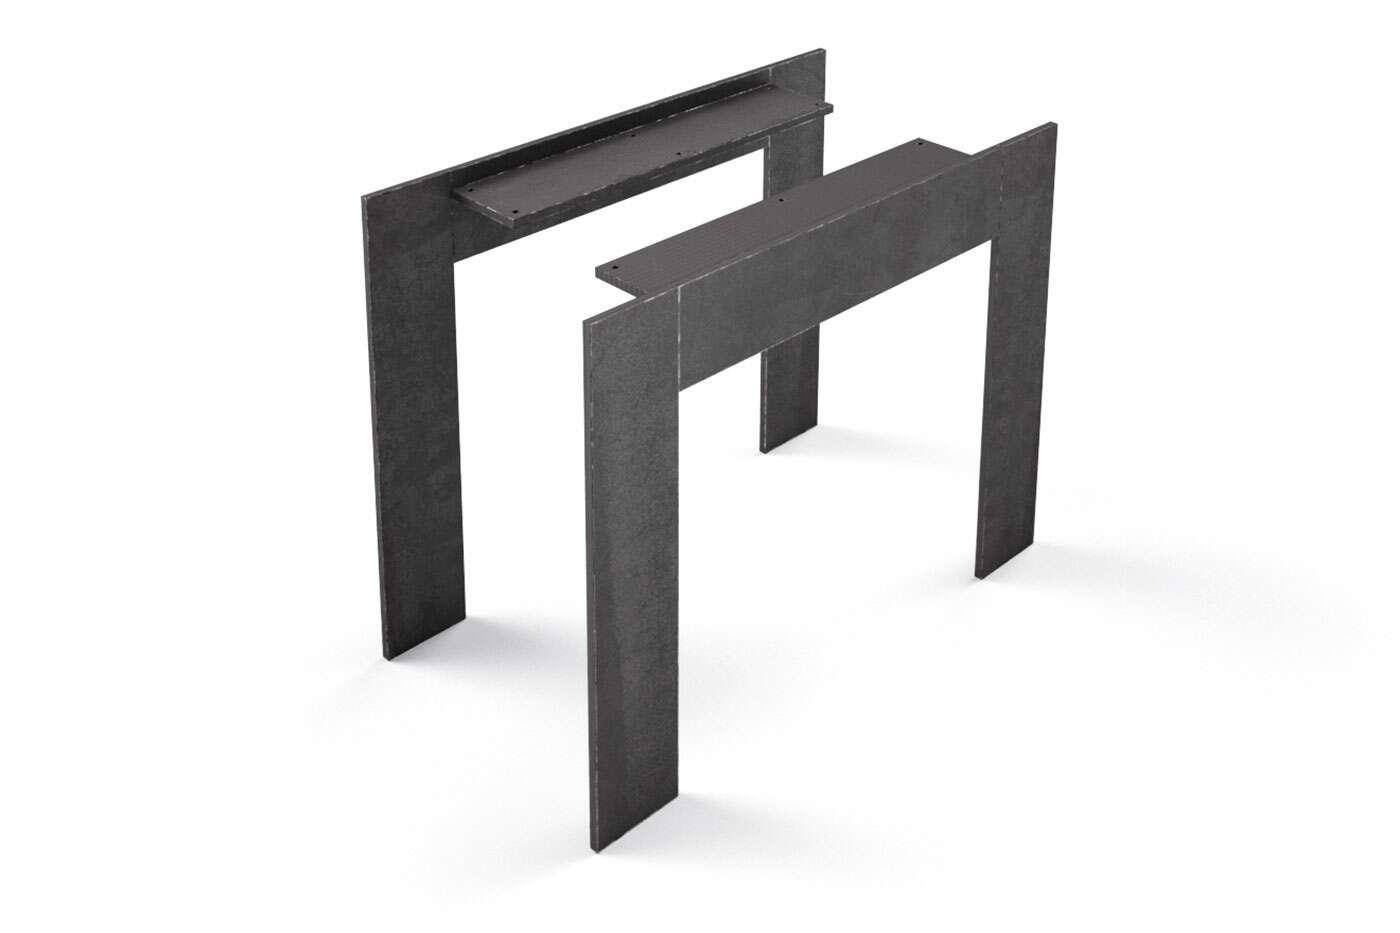 Stahl Tischfüße Trenton nach Maß